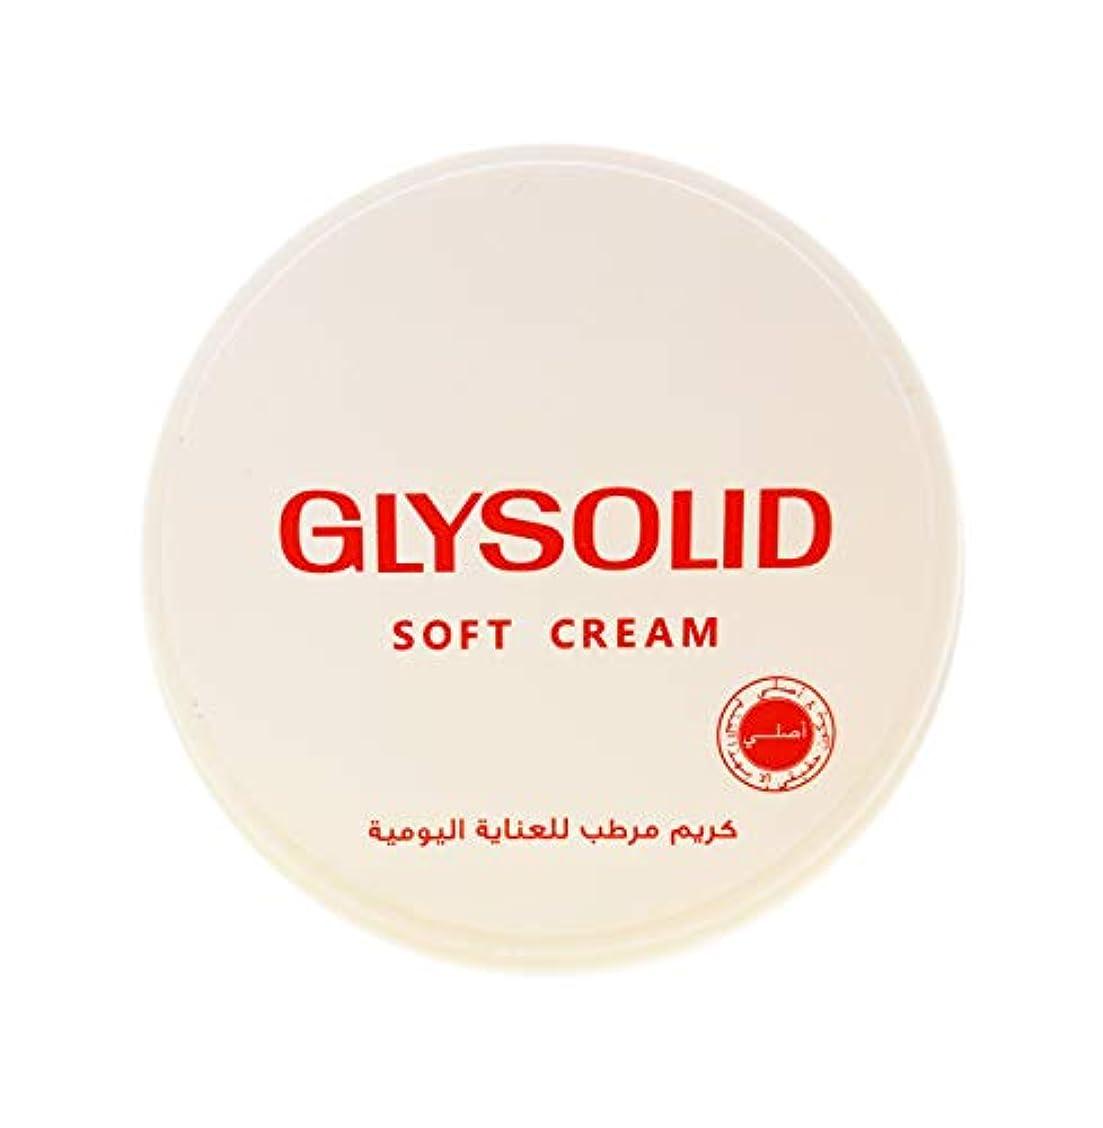 ドナウ川シネウィれるGlysolid Soft Cream Moisturizers For Dry Skin Face Hands Feet Elbow Body Softening With Glycerin Keeping Your...